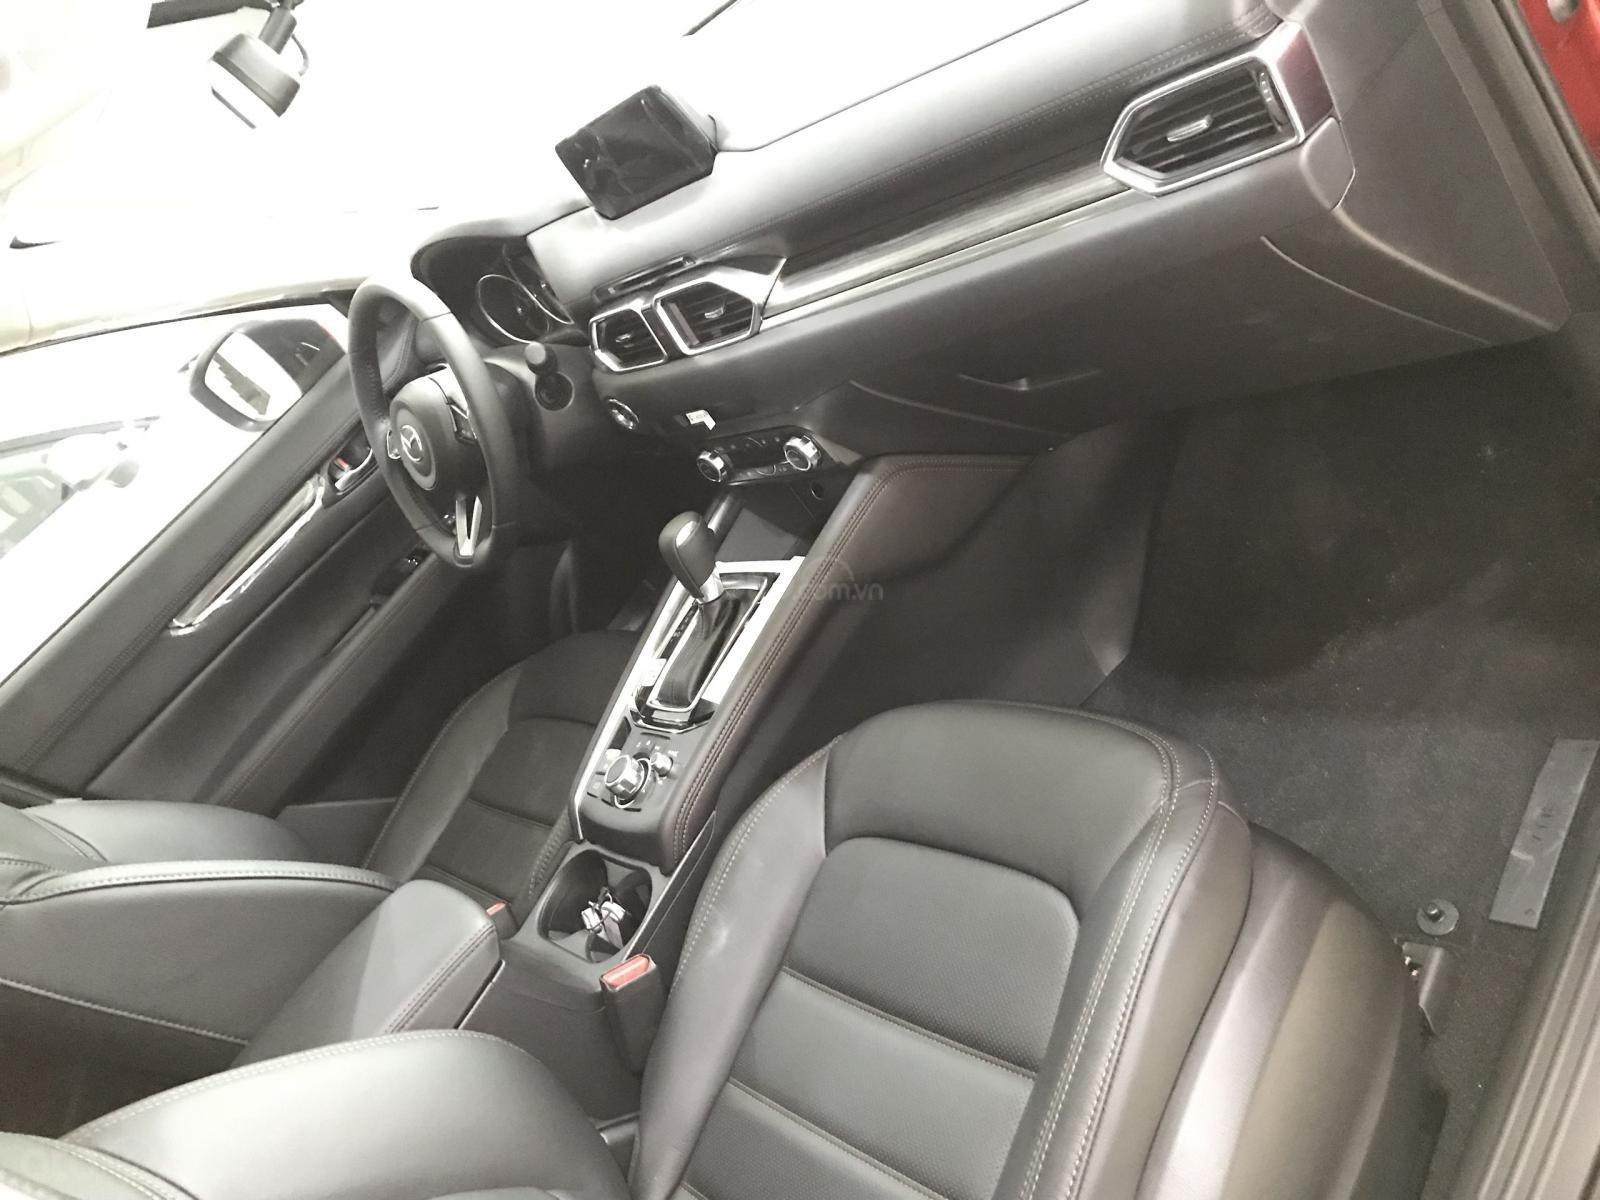 Mazda CX5 2019, chỉ 240tr nhận xe, khuyến mại cực khủng 5x Tr, LH: 098.115.3883/094.159.9922 để được hỗ trợ tốt nhất-3